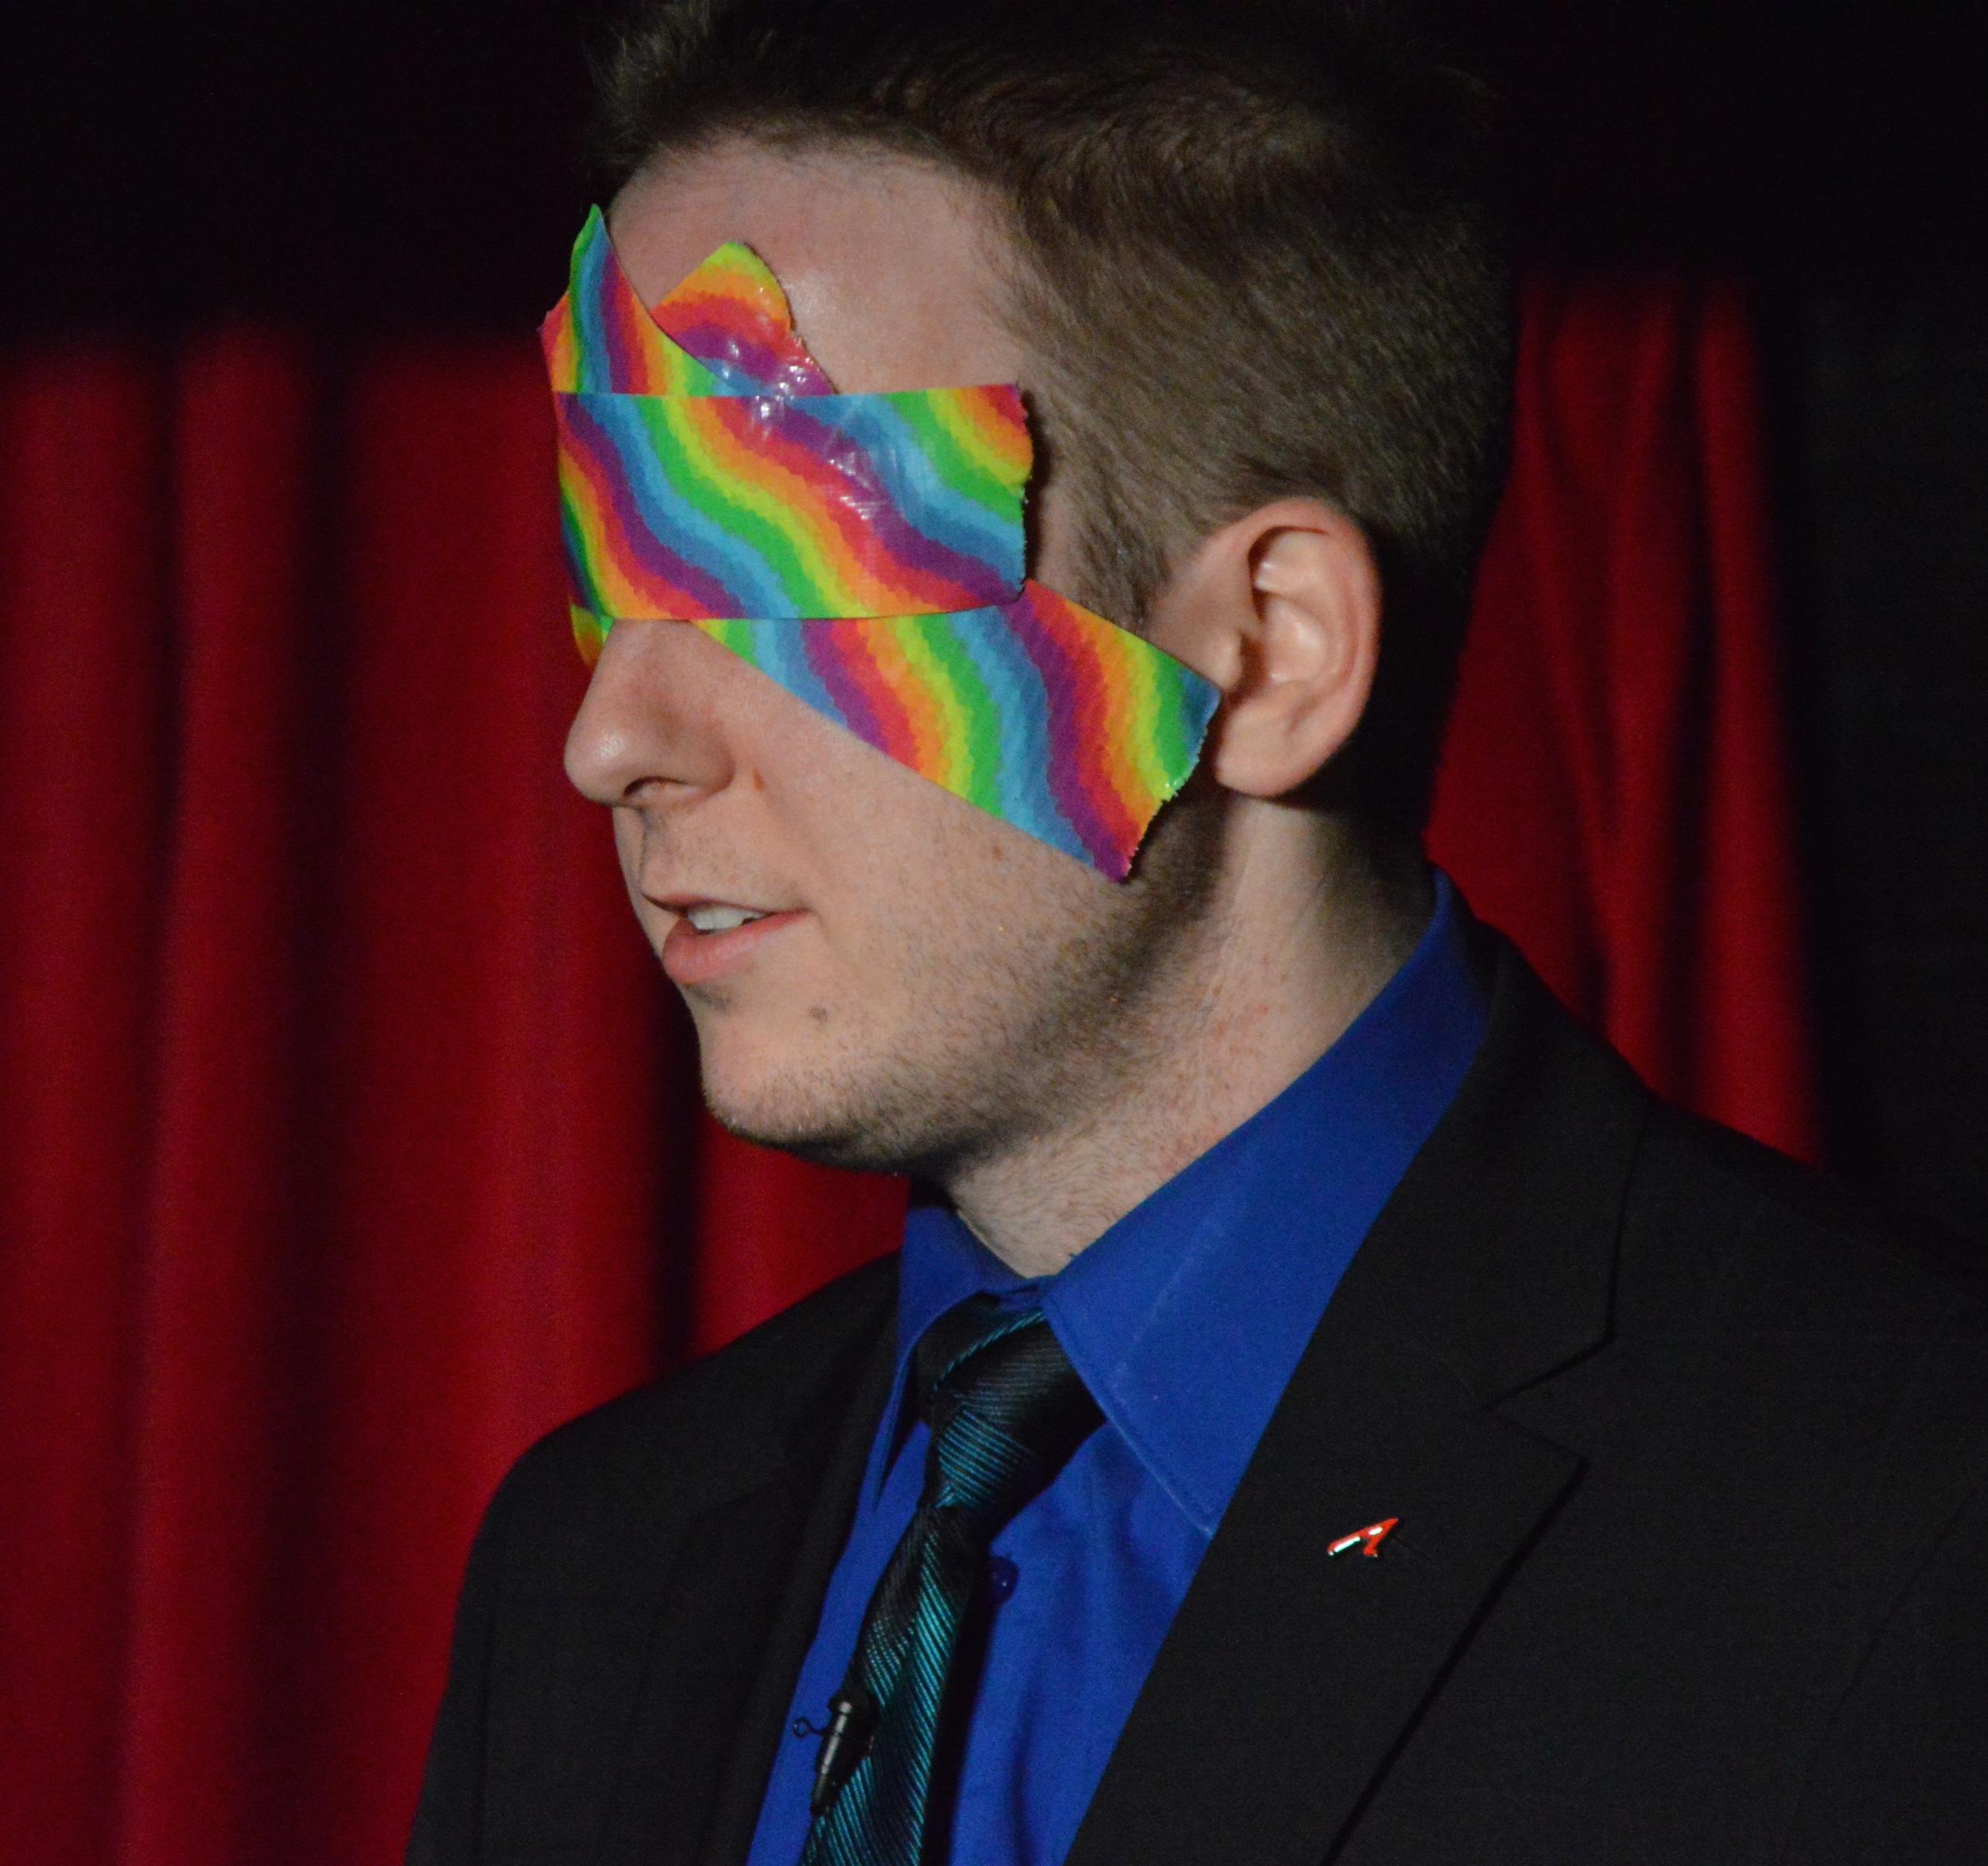 James Alan performing during Pride 2014